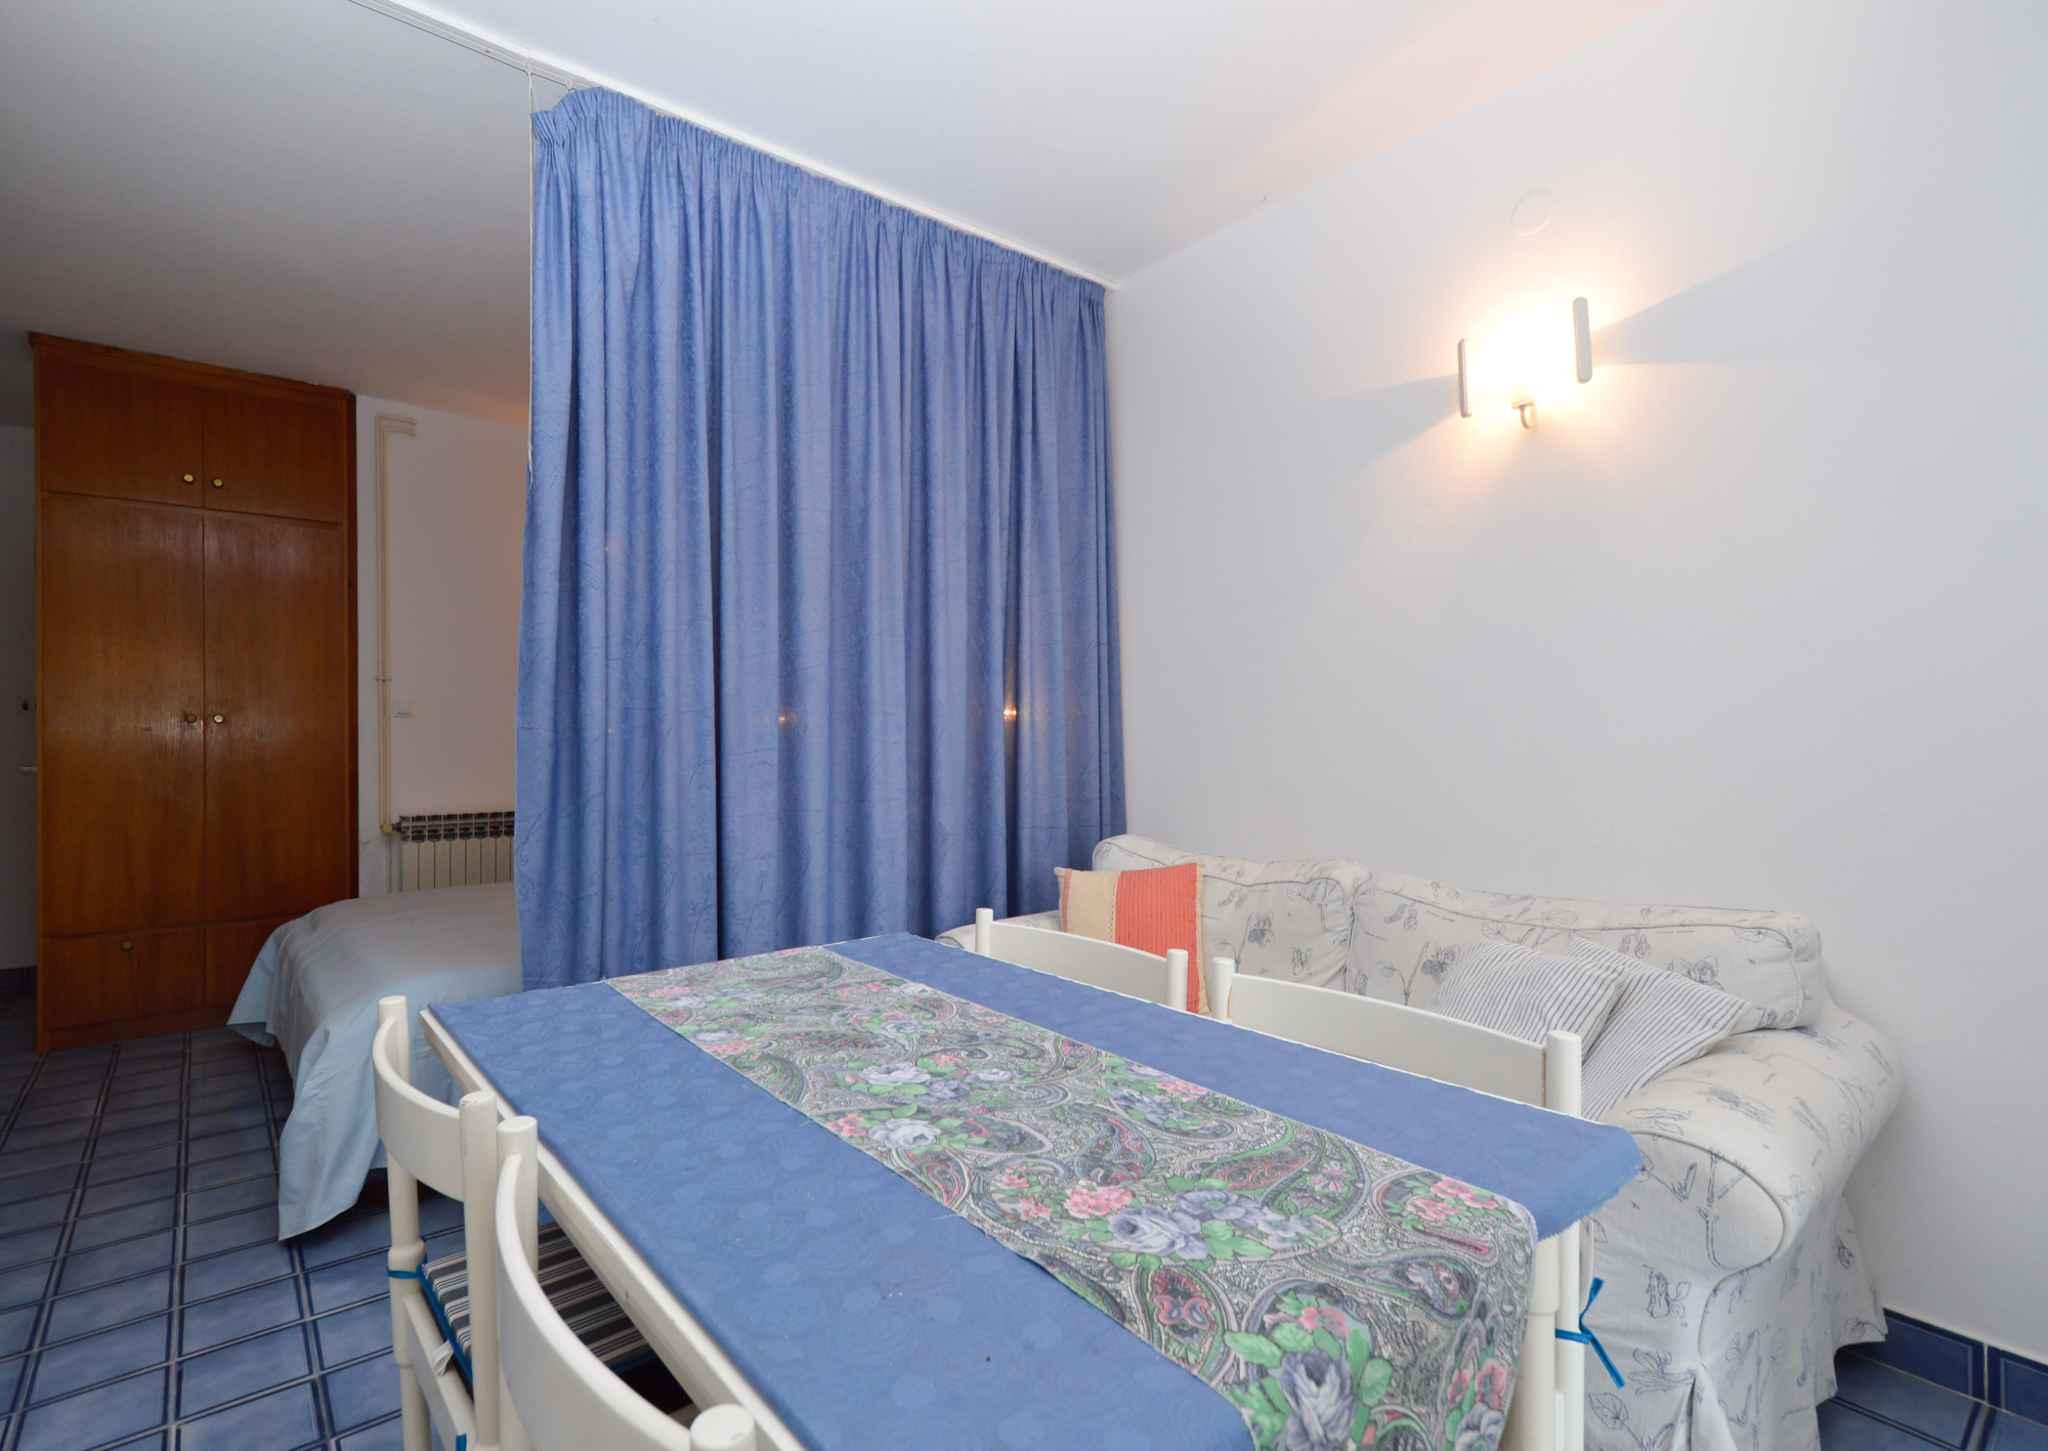 Ferienwohnung in ruhiger Lage (280677), Pula, , Istrien, Kroatien, Bild 6